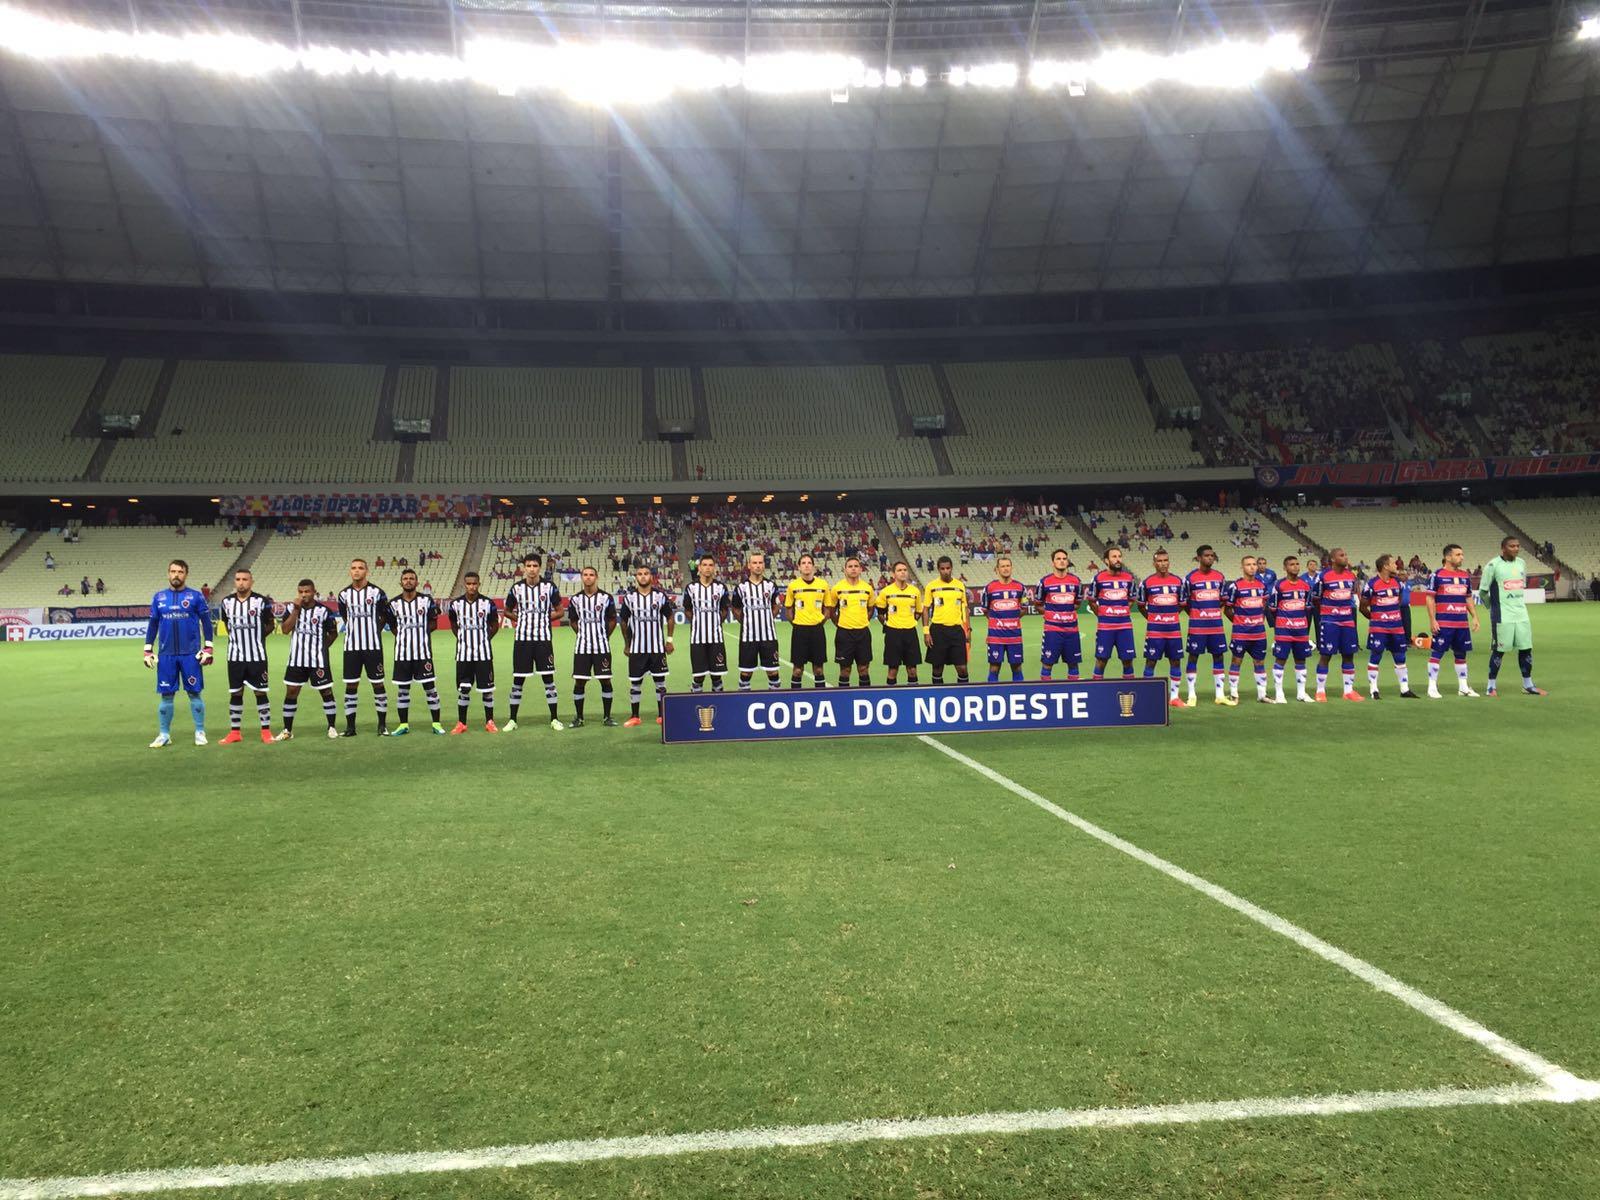 Fortaleza e Botafogo-PB empataram em 1 a 1, em jogo que teve início com 15 minutos de atraso (Foto: Lucas Catrib)